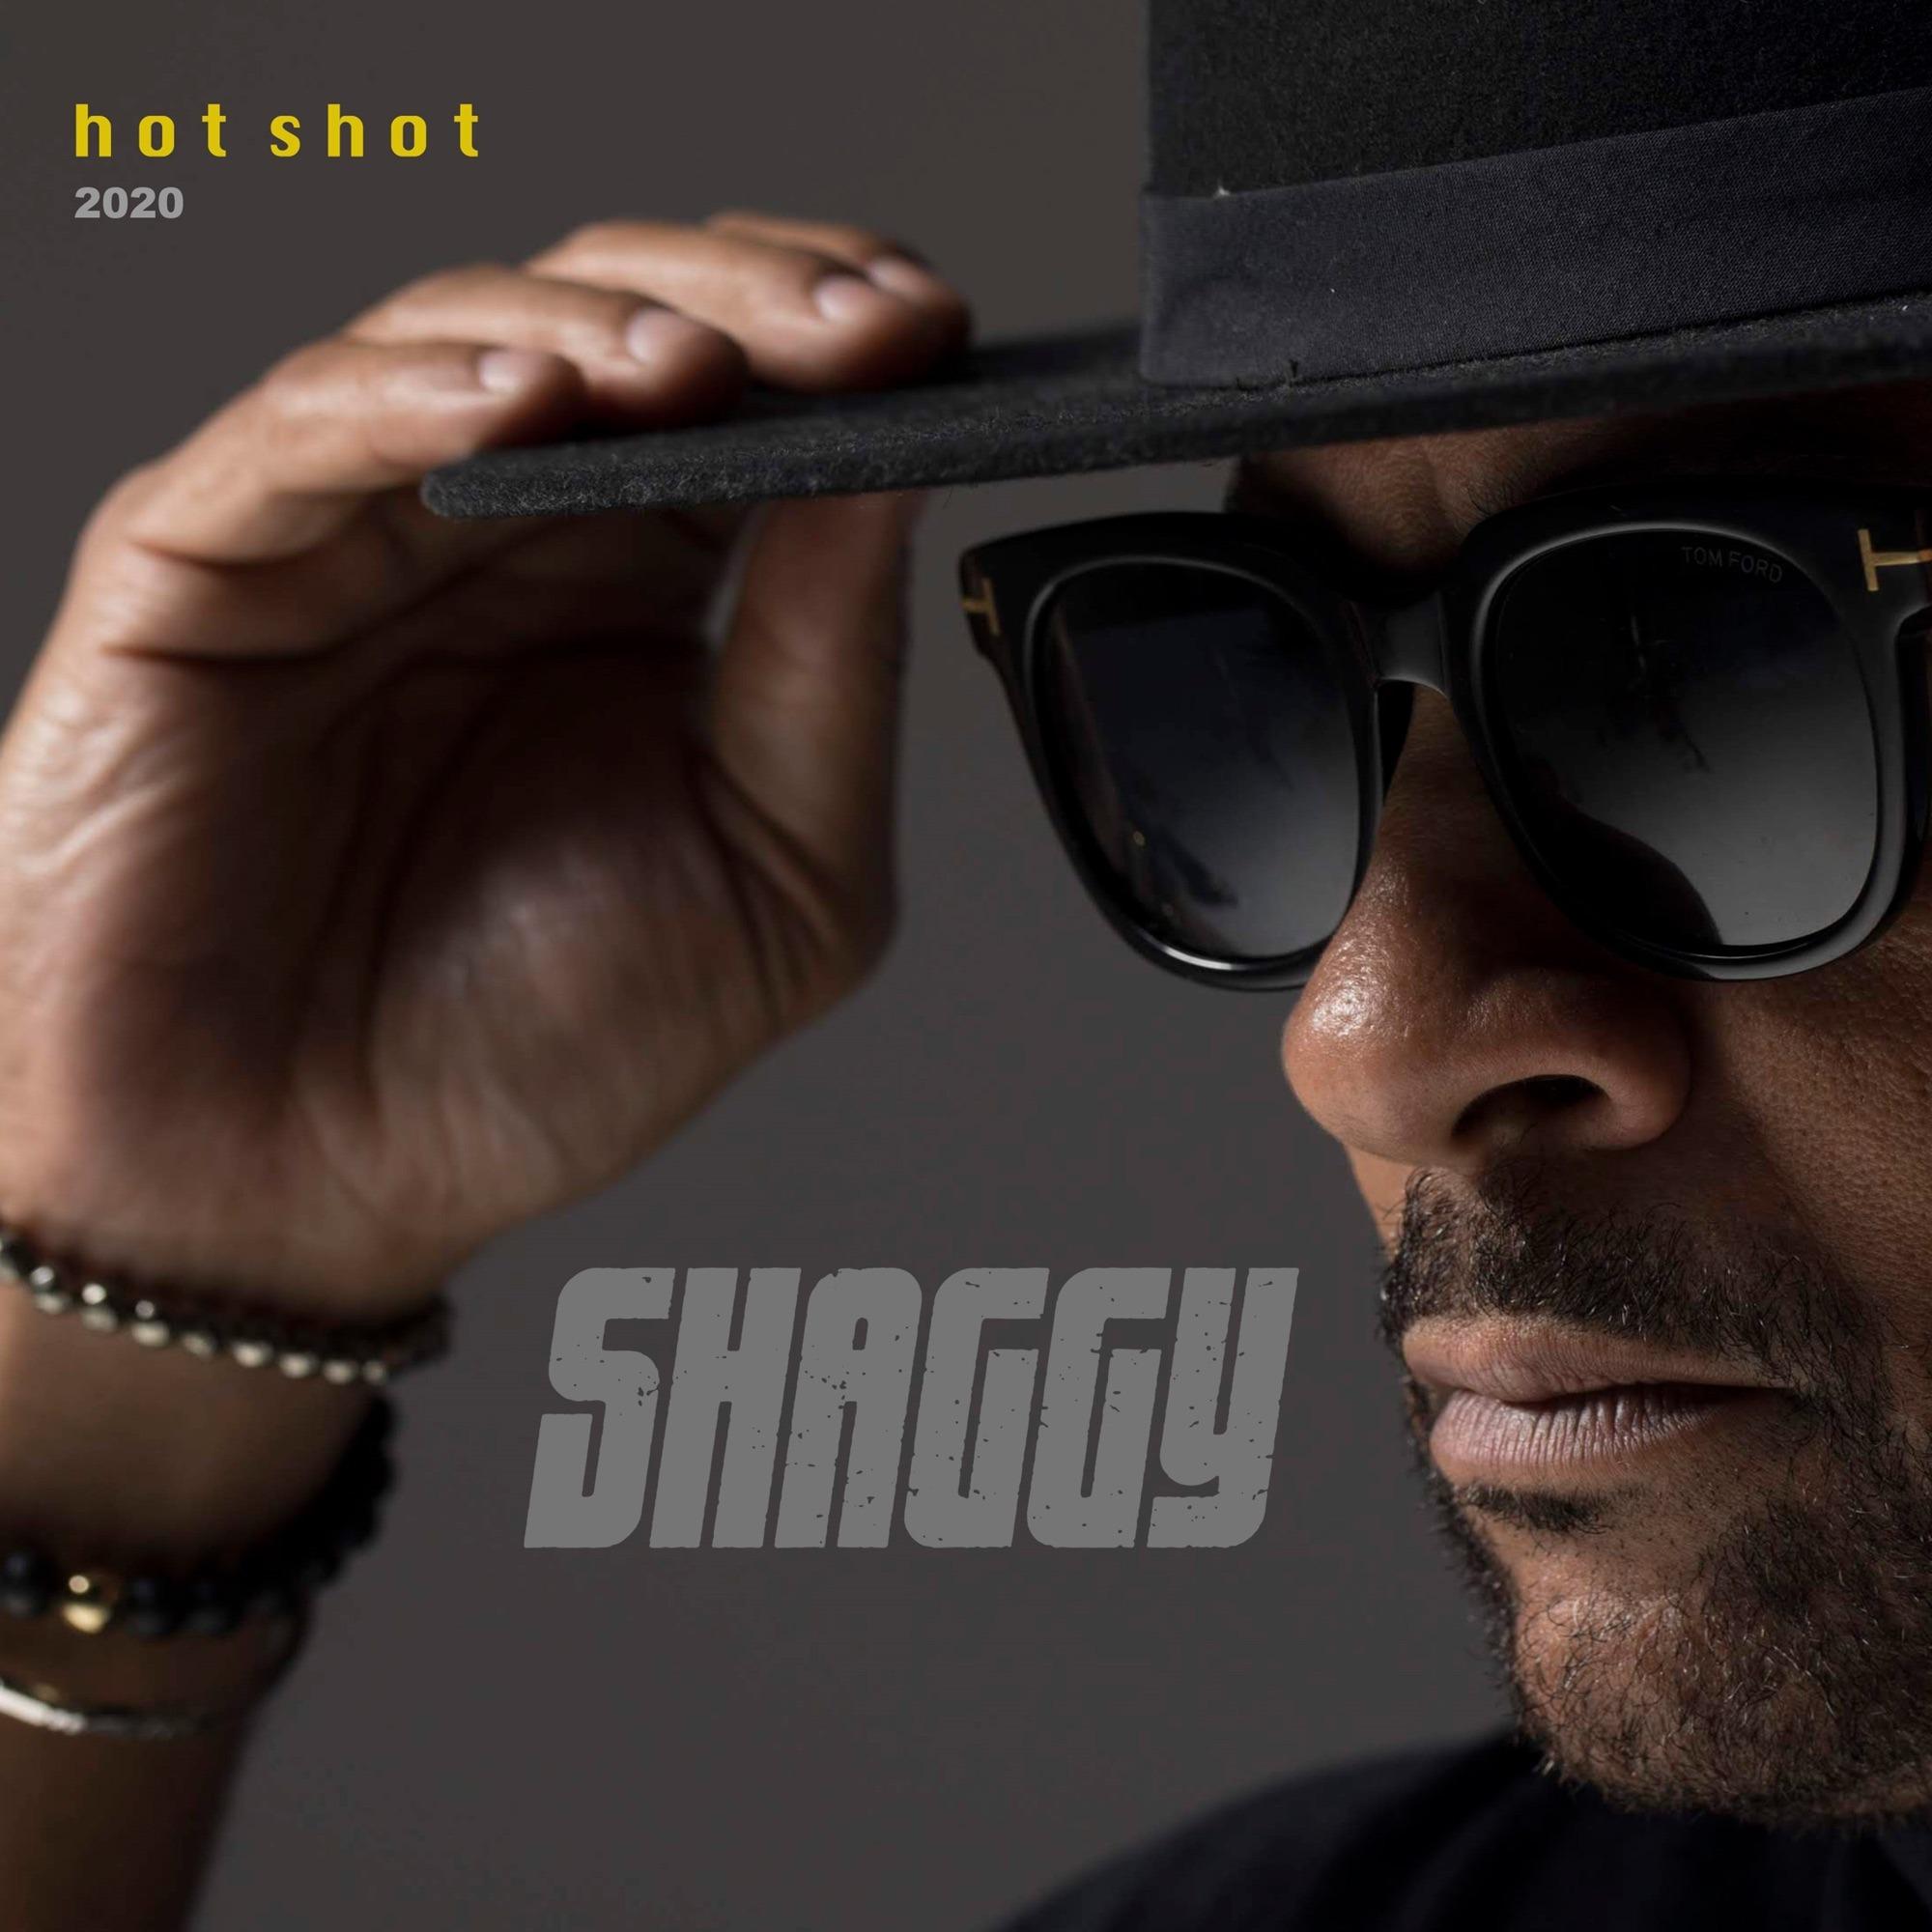 Shaggy - Hot Shot 2020 (Deluxe)